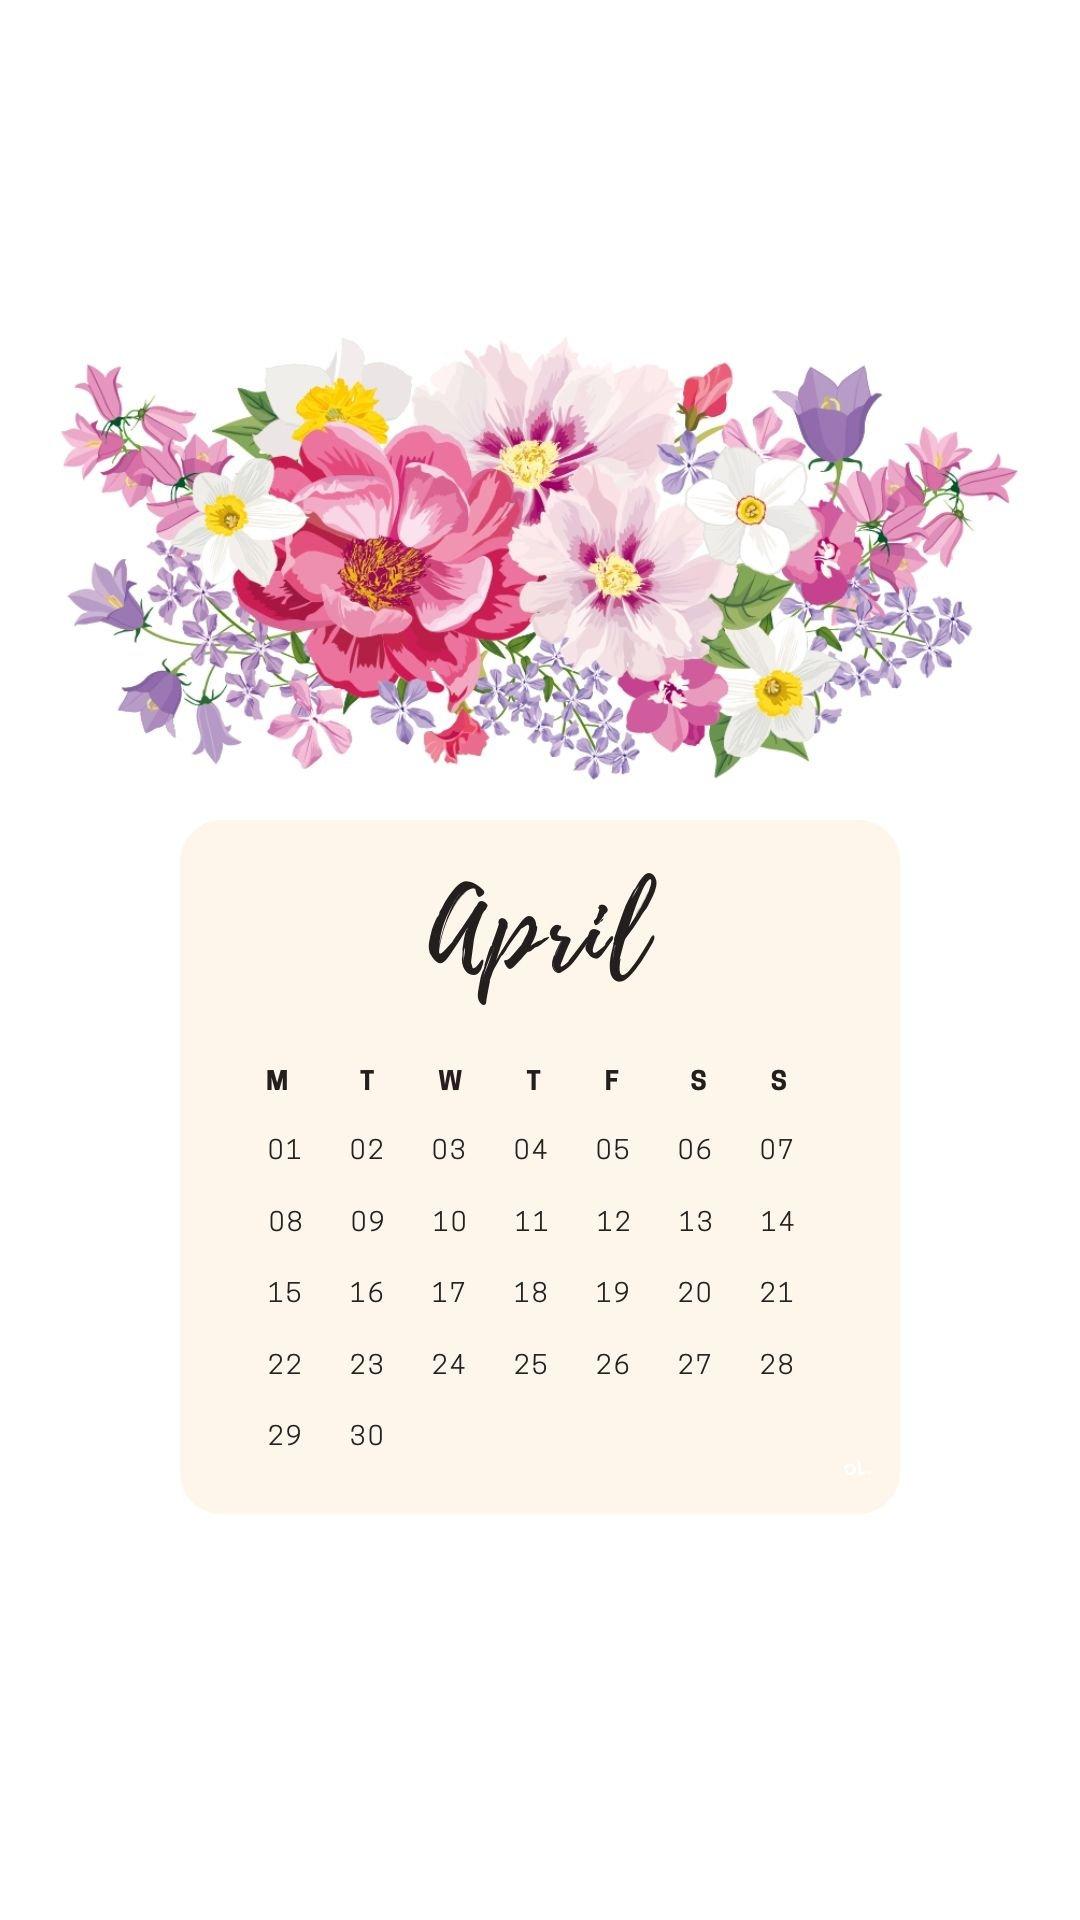 April 2019 Calendar Ipad Wallpaper #april2019 U Of M Calendar 2019